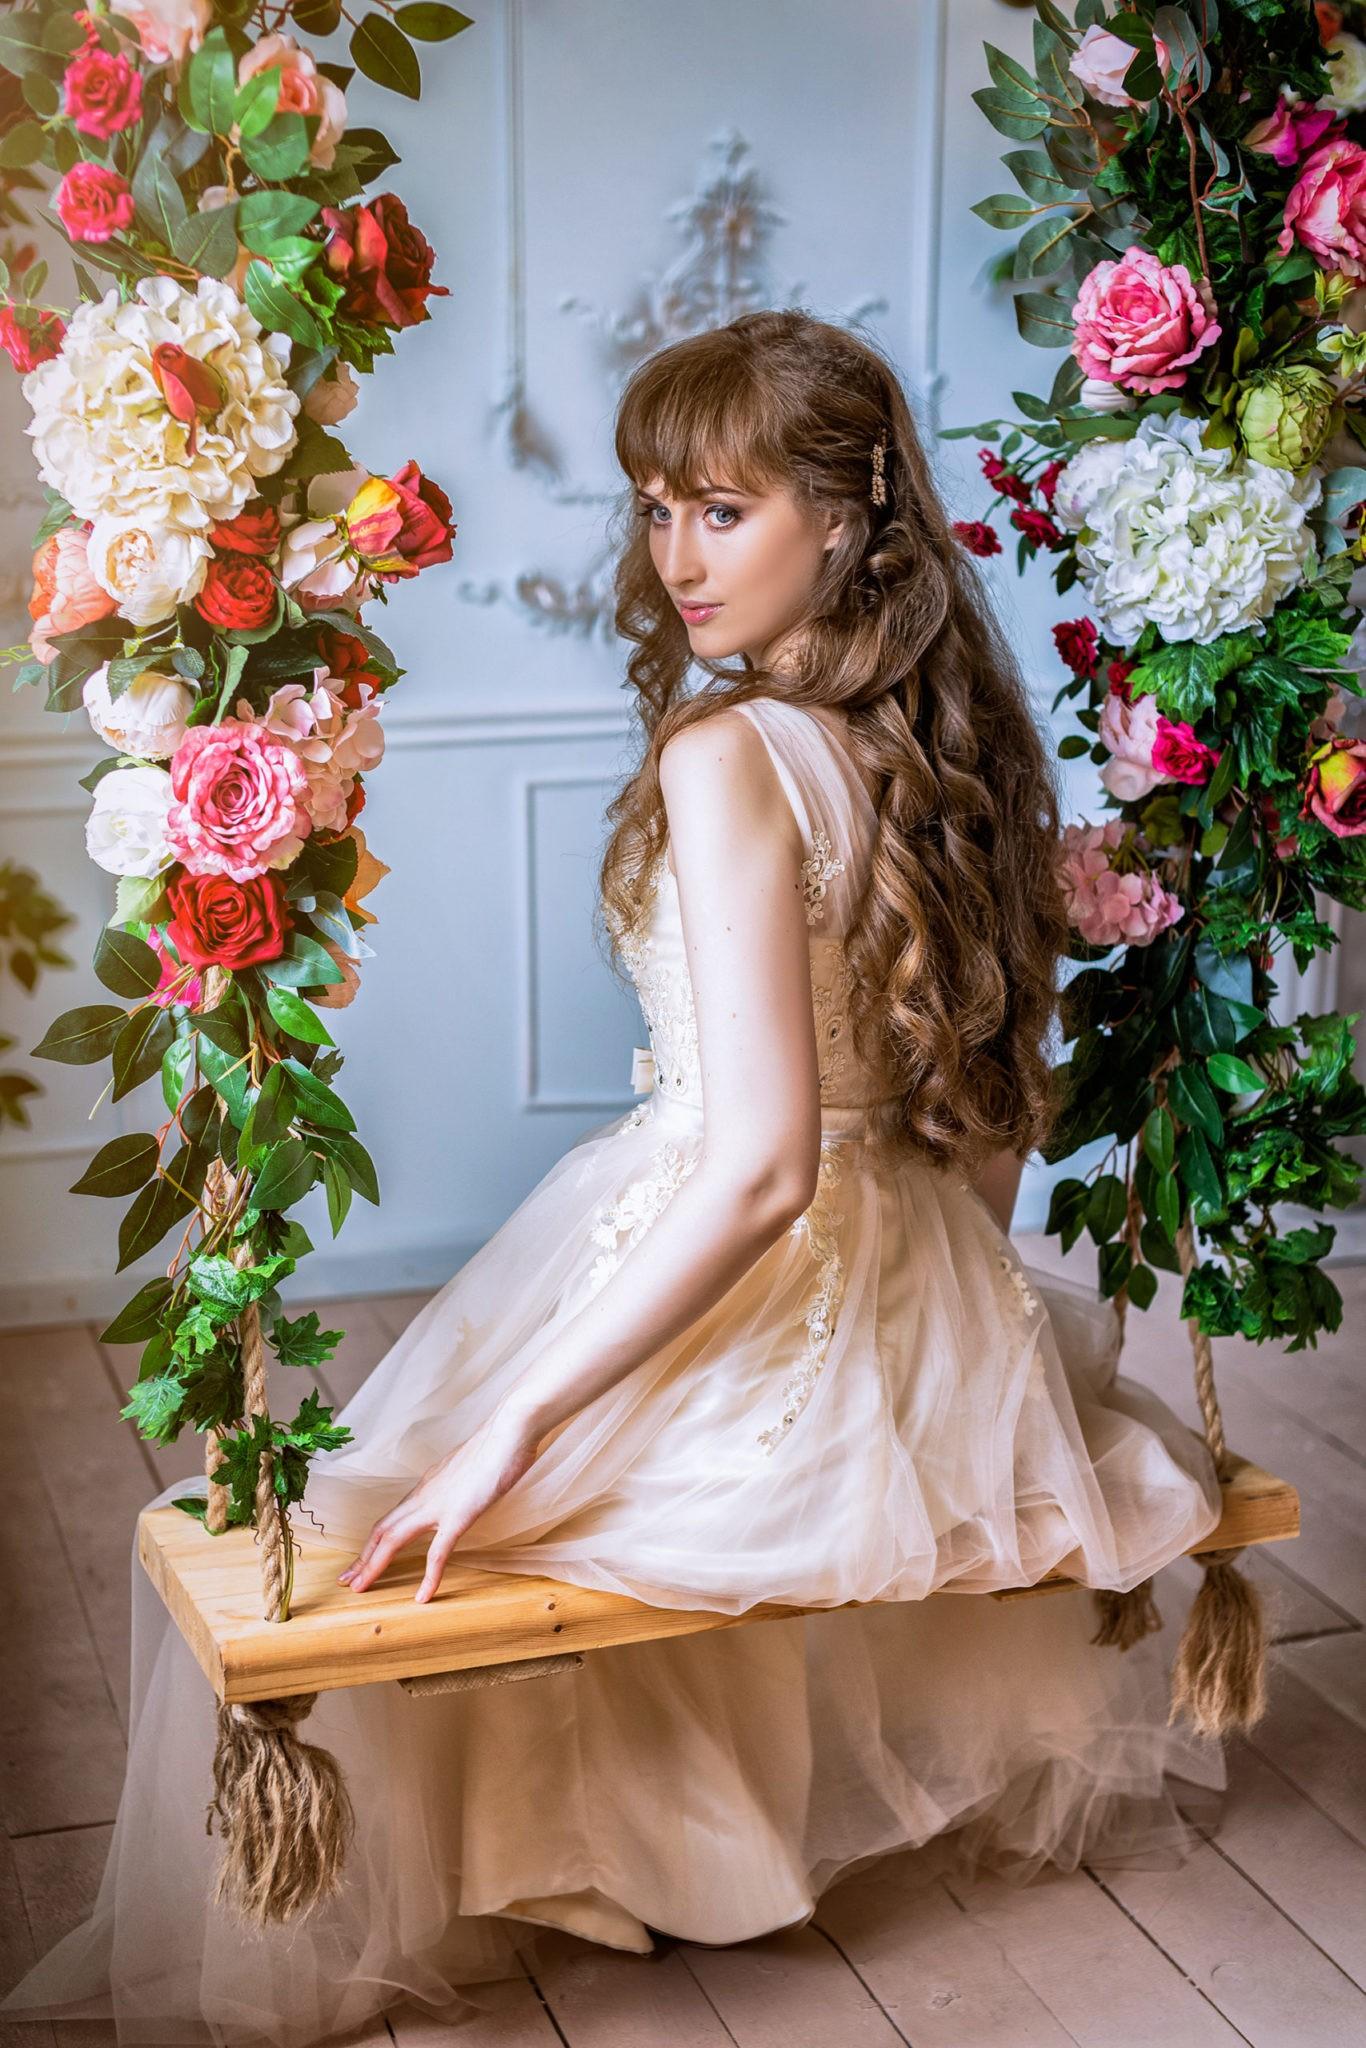 Художественная свадебная фотосъемка от свадебного фотографа в интерьерной студии Краснодара: Невеста в ожидании жениха из серии сборы невесты, утро невесты.